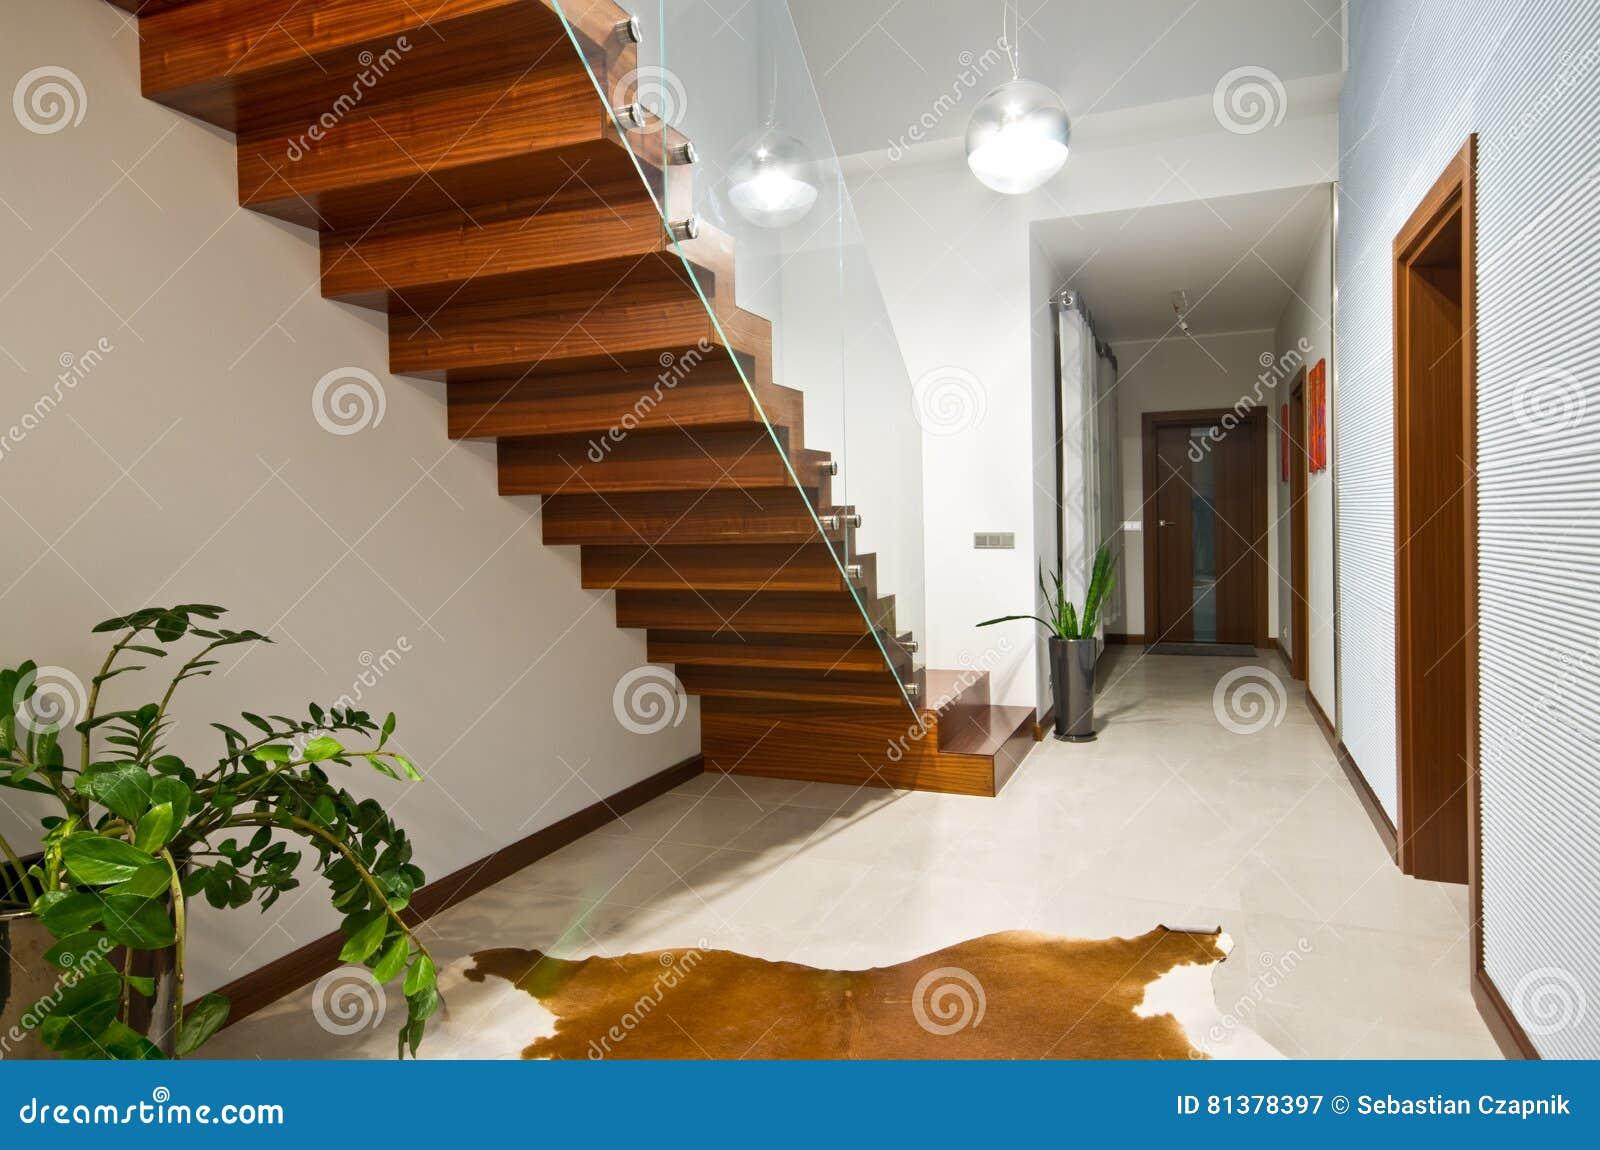 Escaleras modernas con la barandilla de cristal imagen de - Barandillas escaleras modernas ...